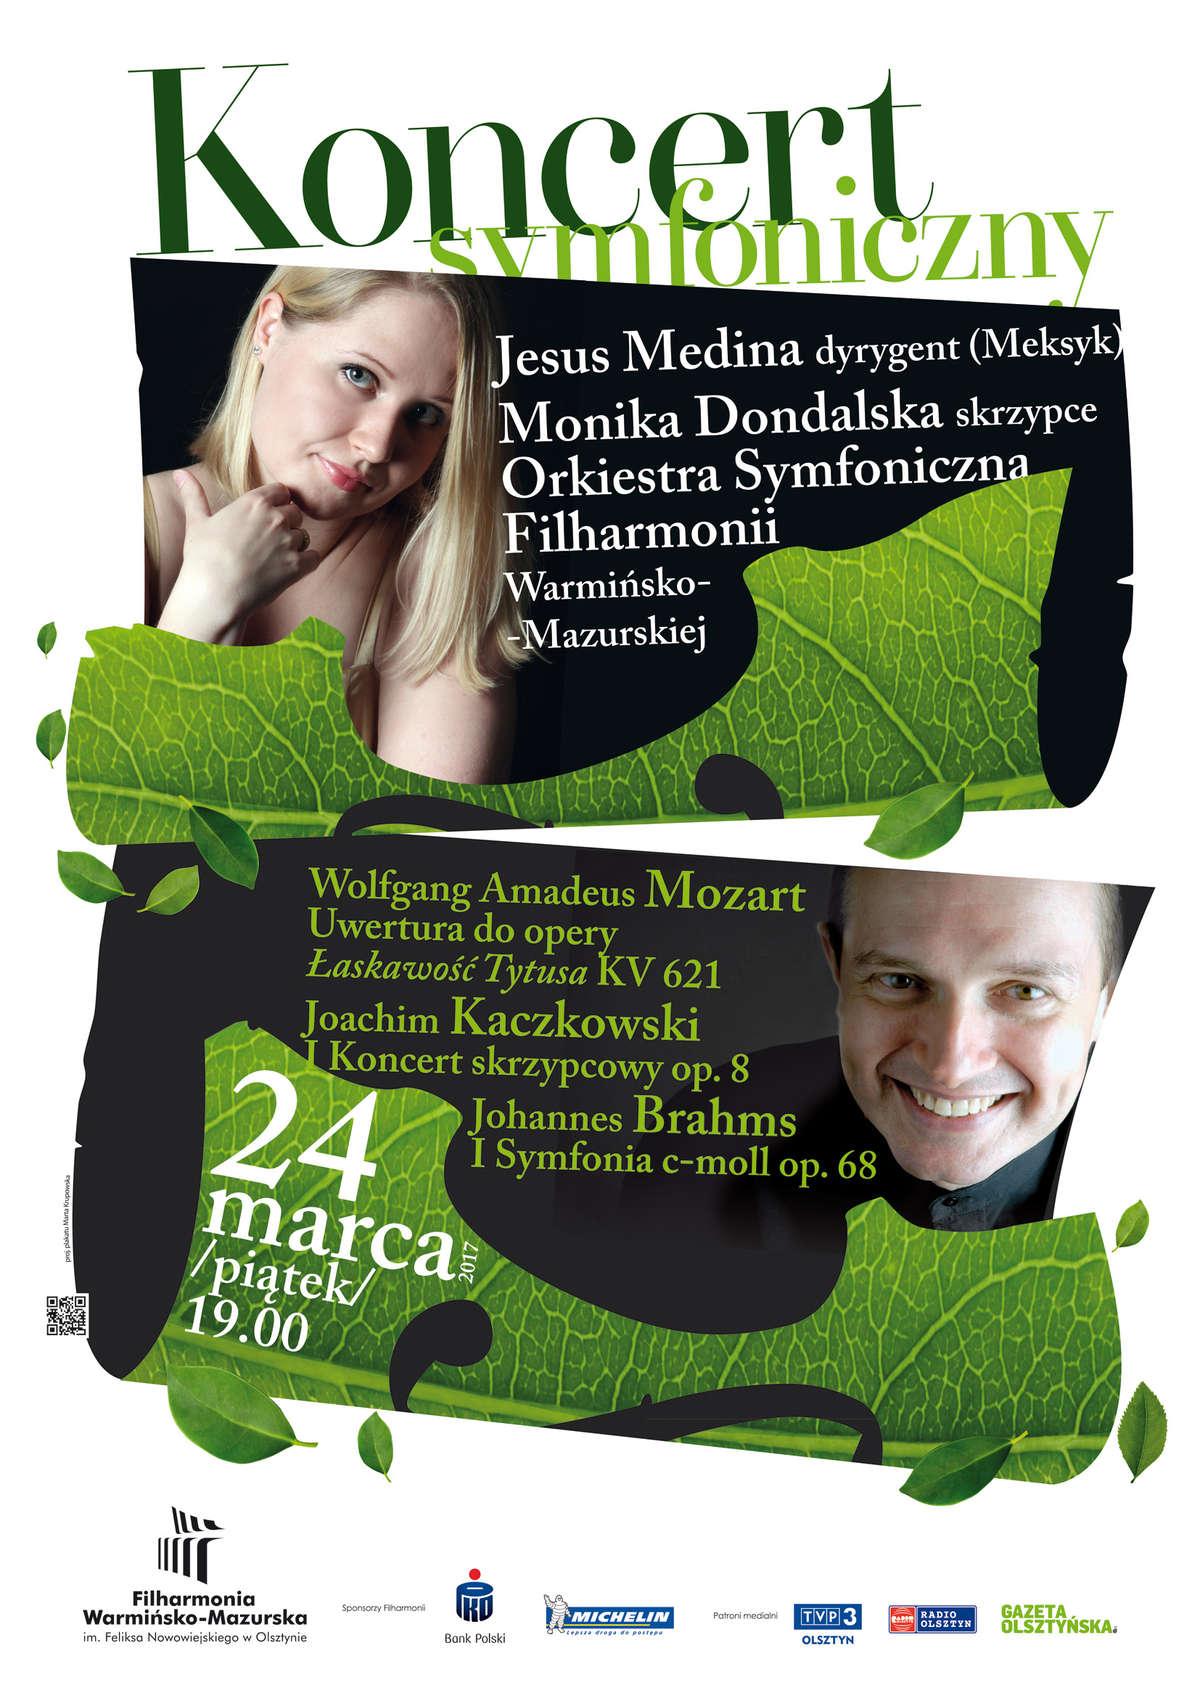 Jesus Medina z Meksyku będzie dyrygował w Olsztynie - full image